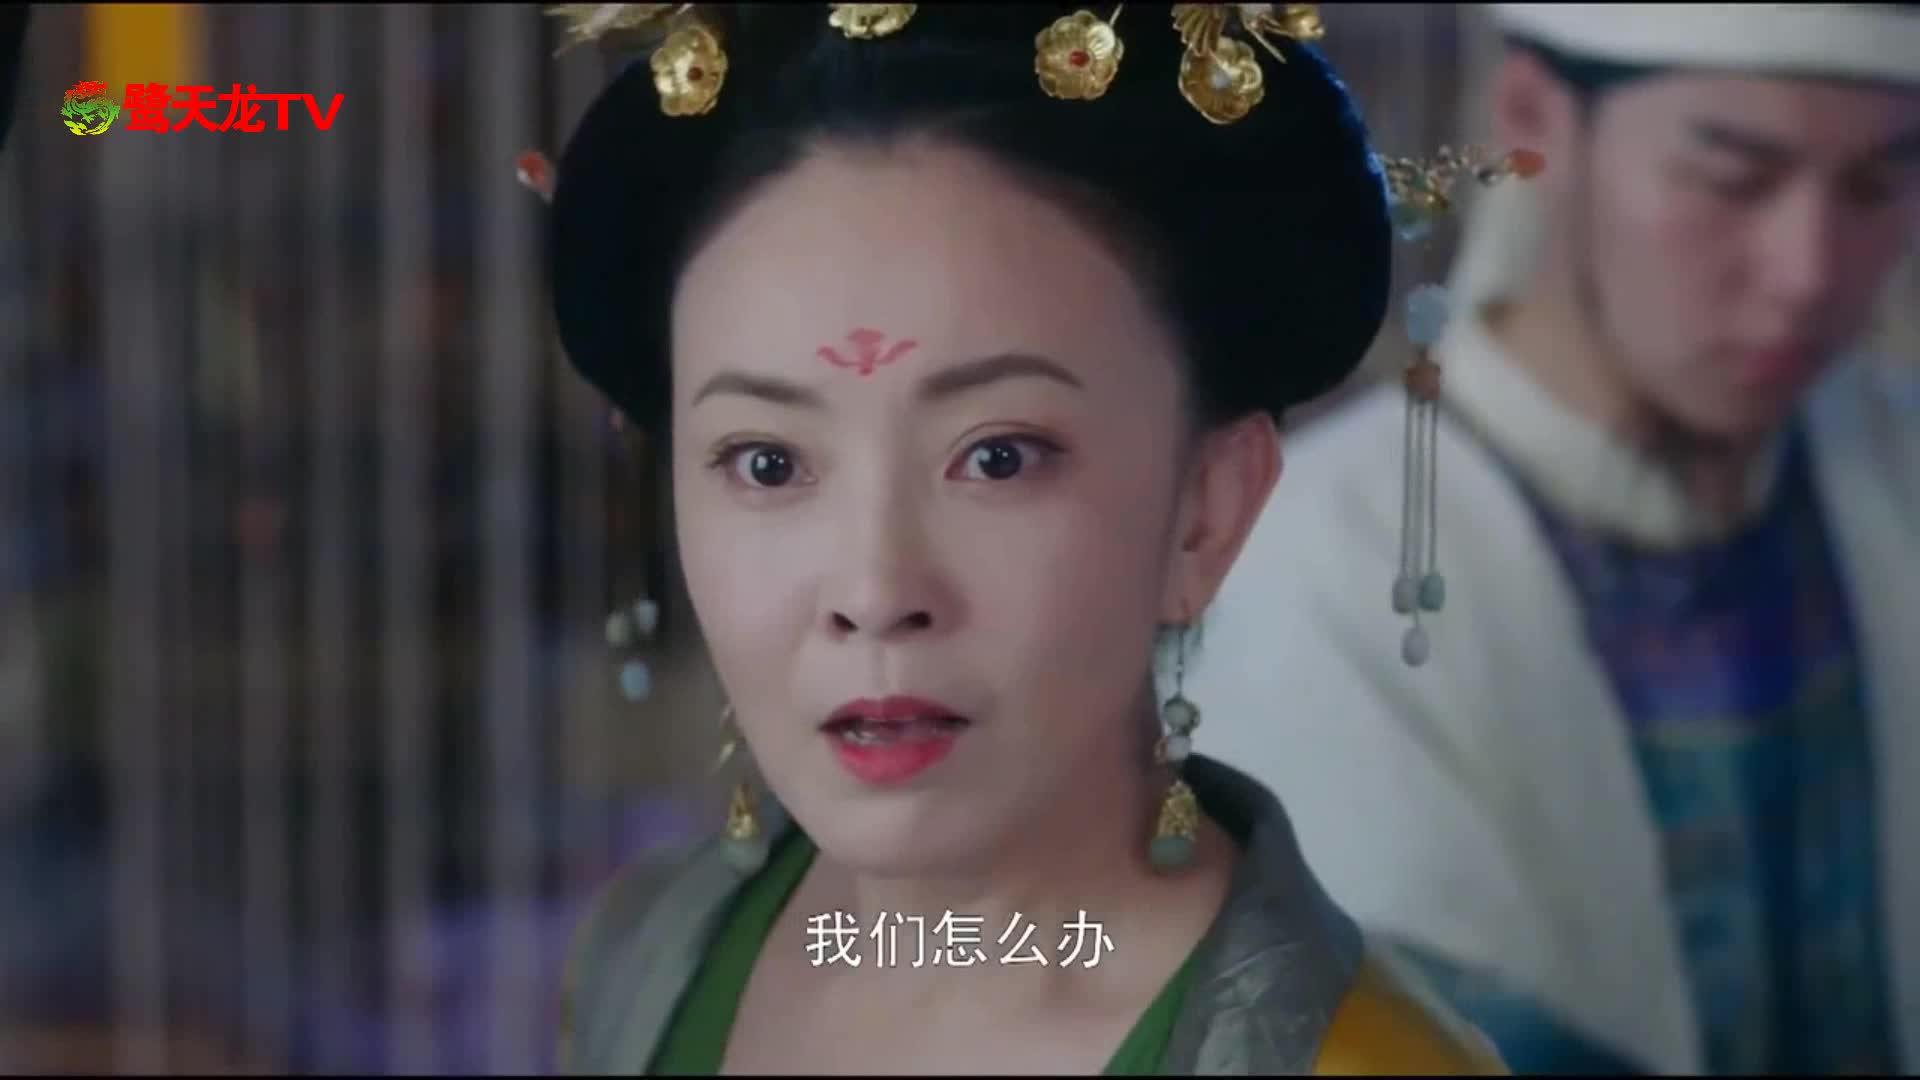 珍珠被张皇后挟持顺势施计